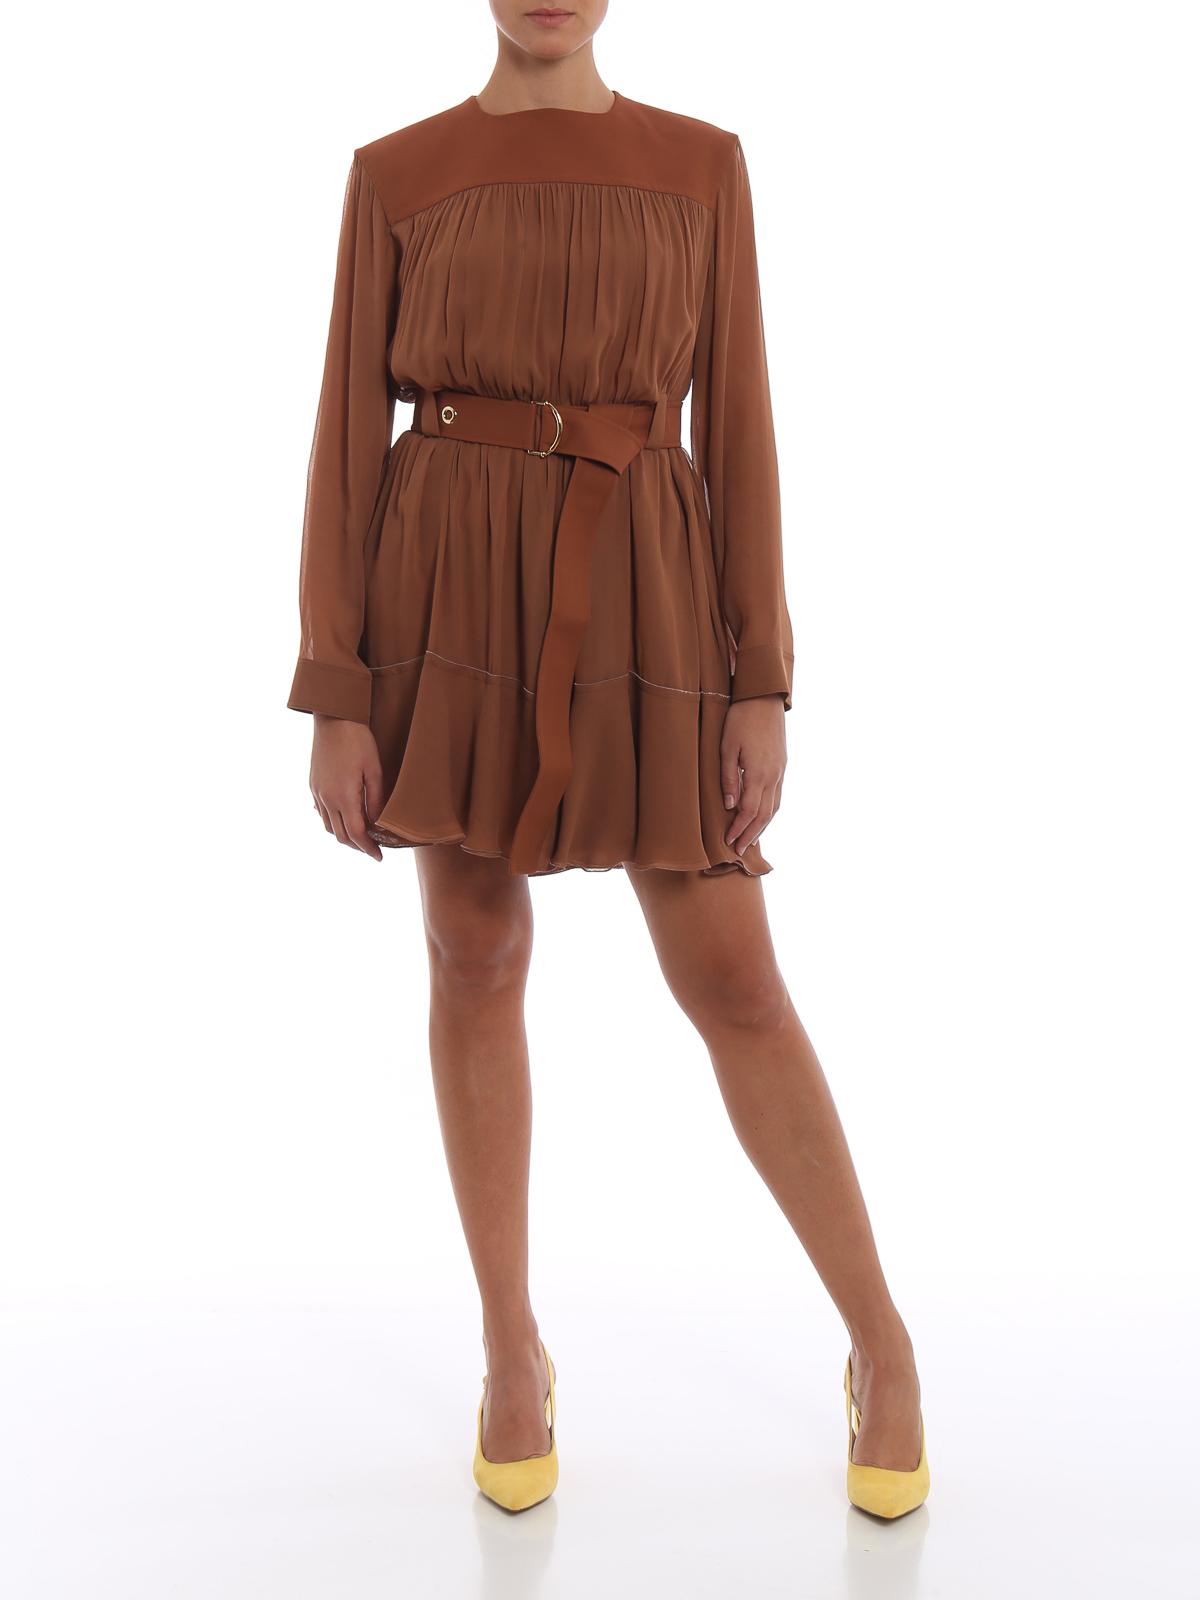 8e5f8c960682b Chloe  - Vestido Corto - Marrón Claro - Vestidos cortos ...